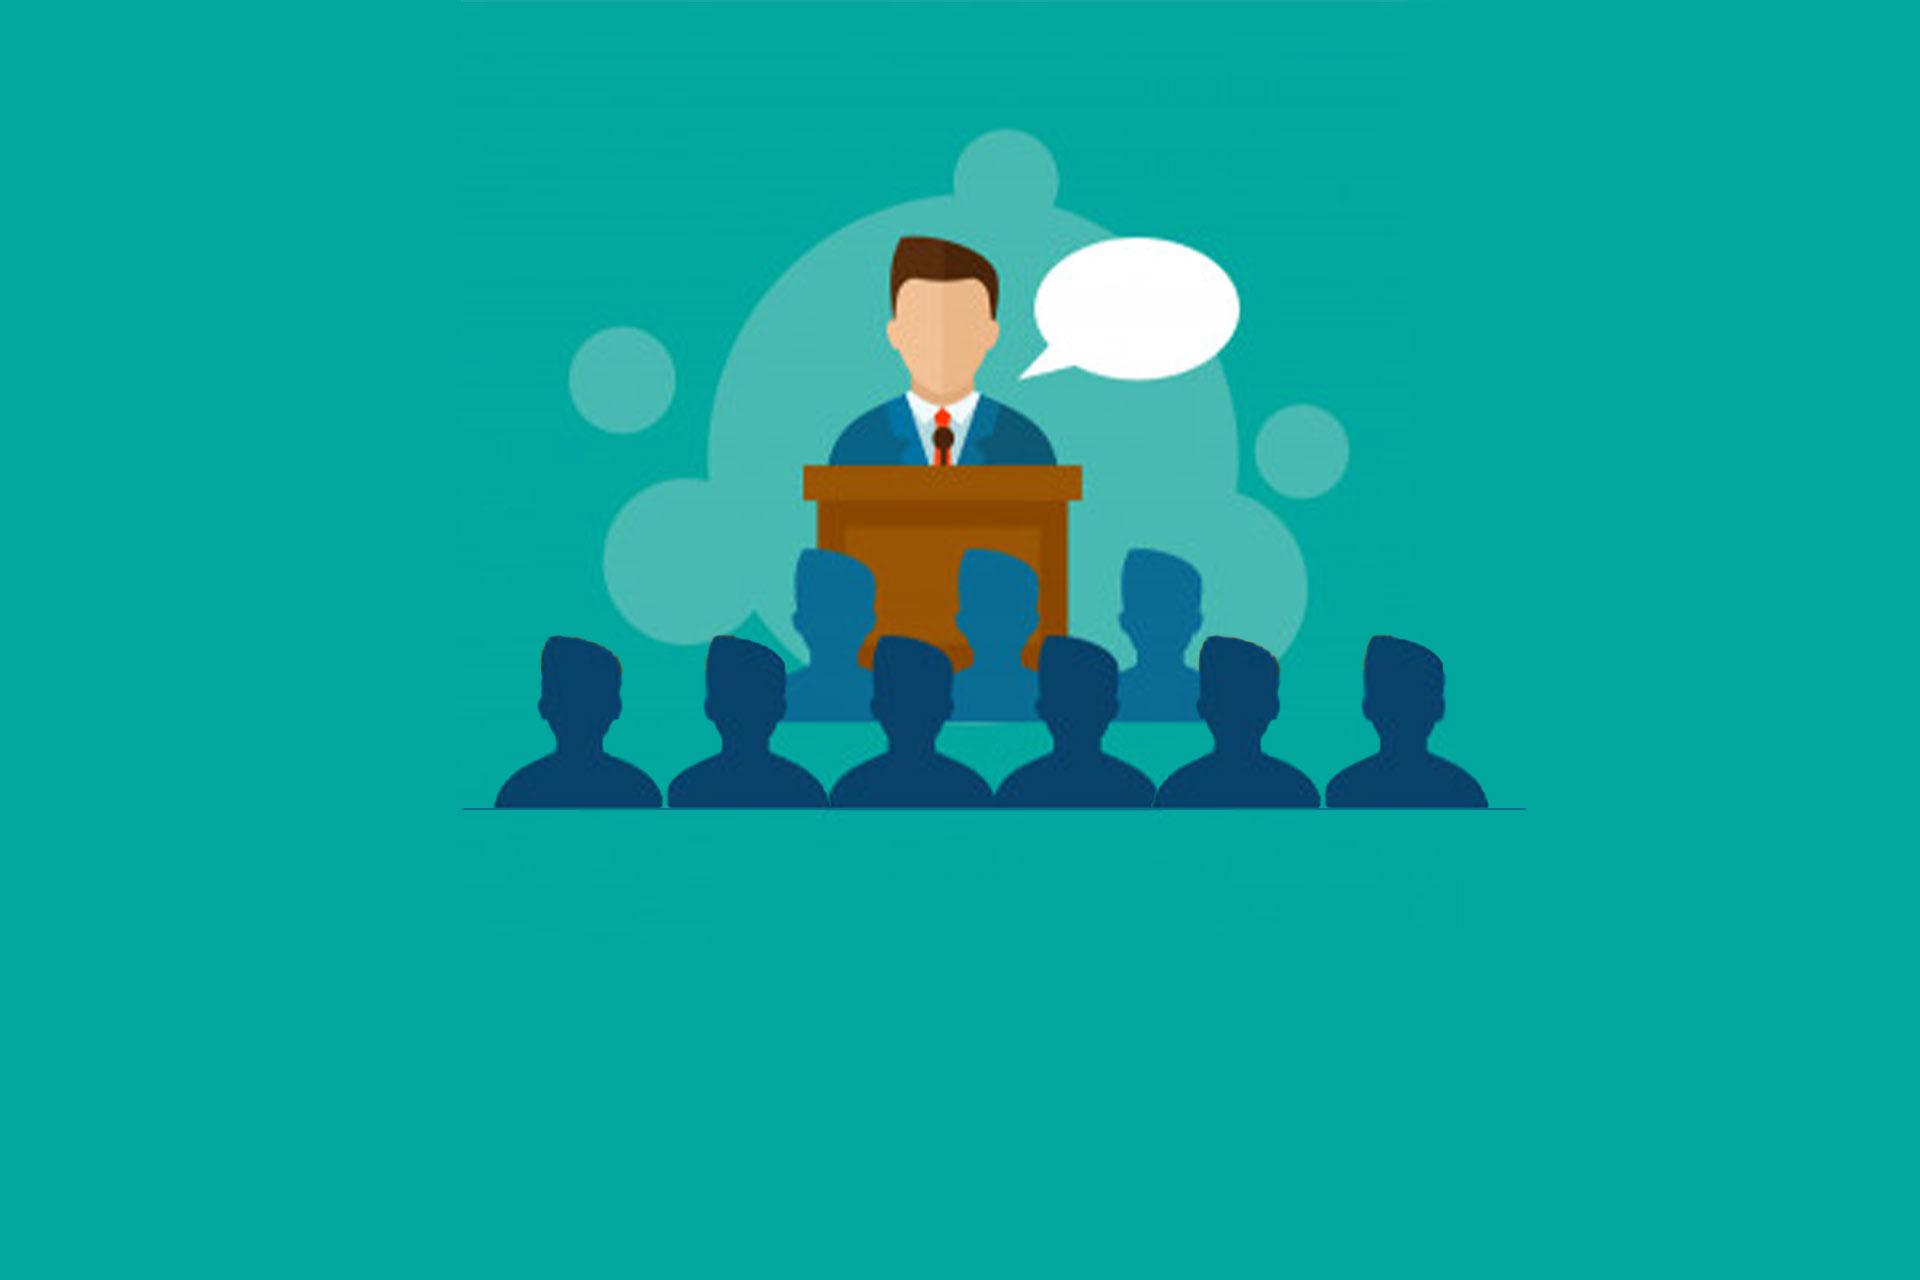 چطور برای یک سخنرانی موفق آماده شوید؟